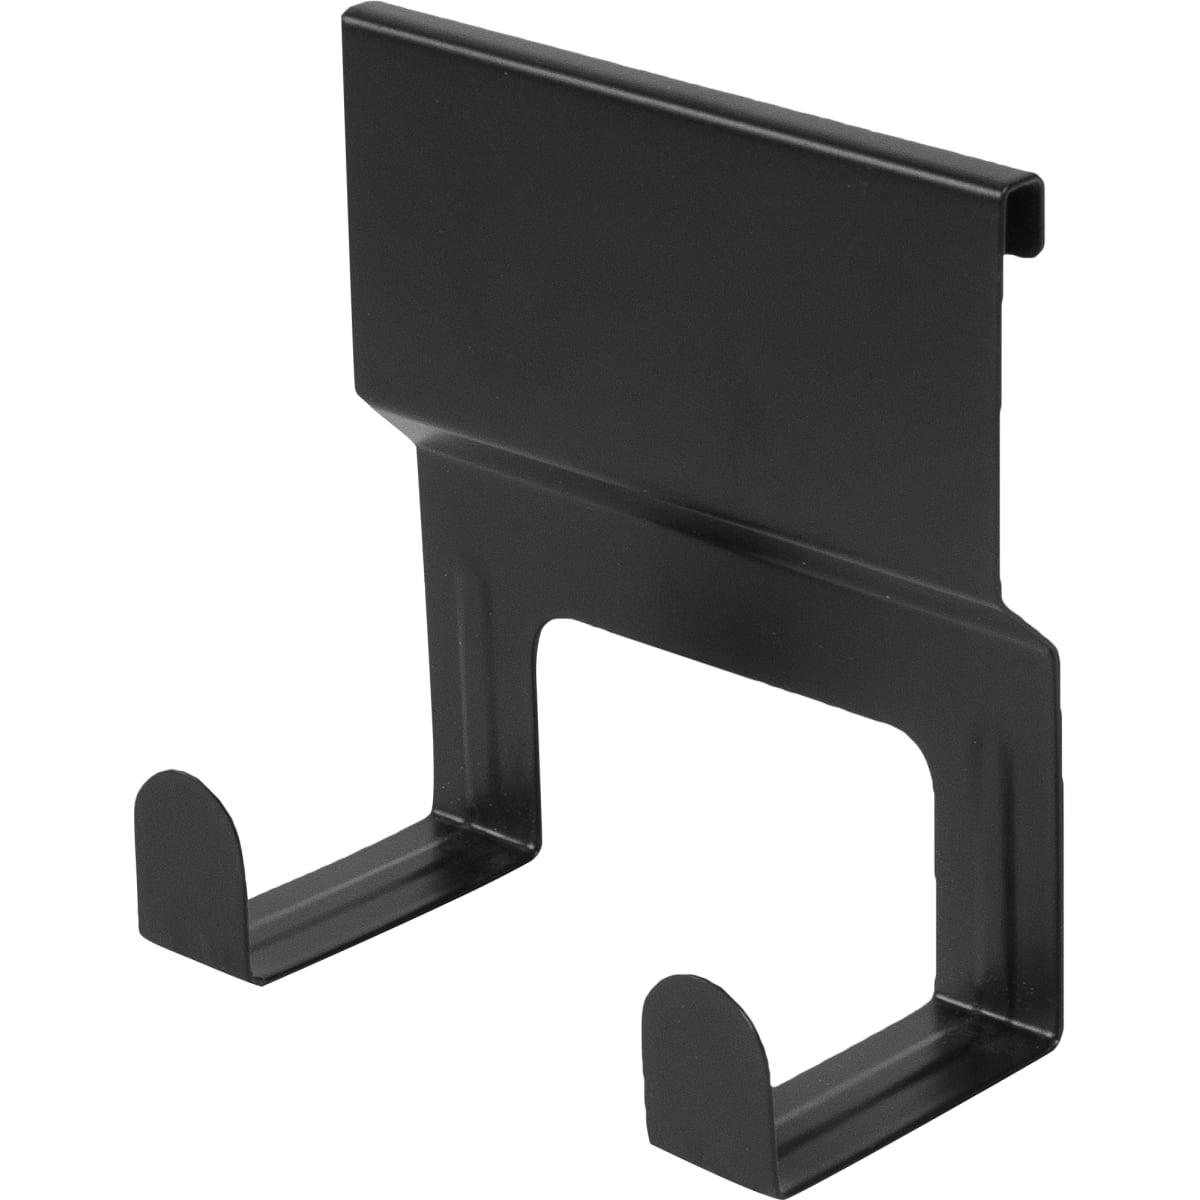 Крючок двойной Lund для рейлинга цвет чёрный